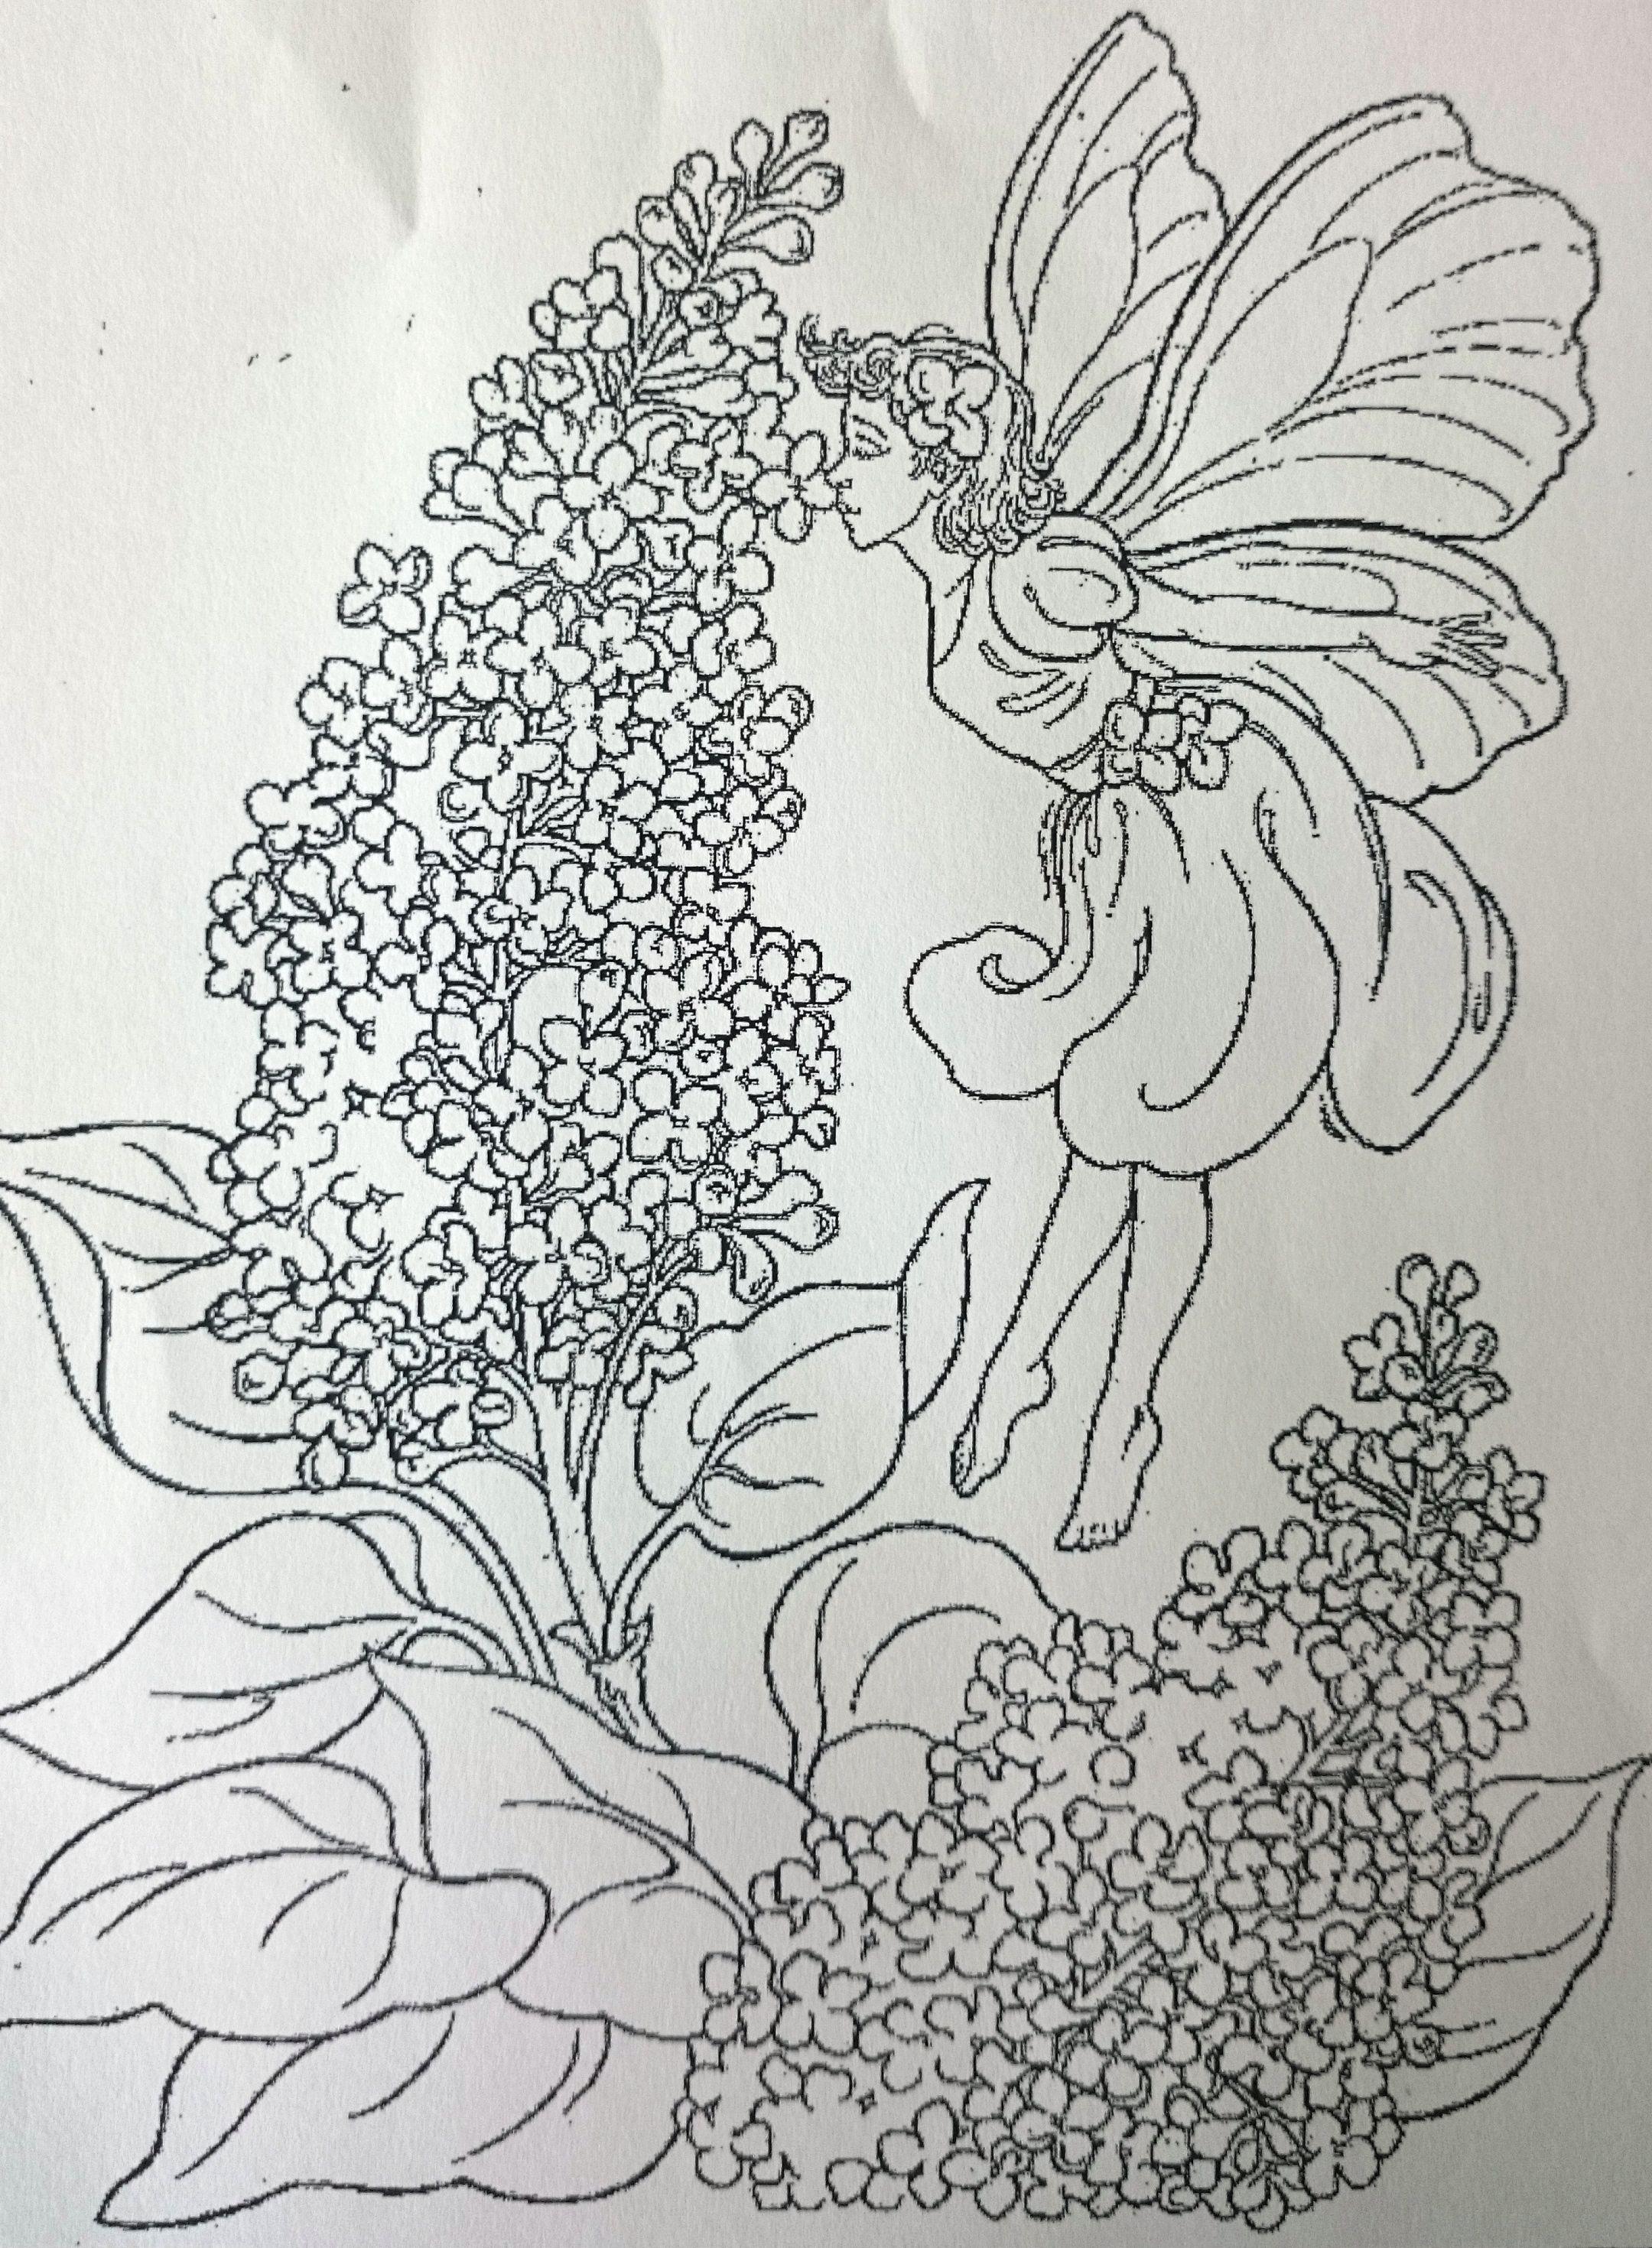 Vlinderstruik Bloemen Kleurplaten Kleurplaten Gratis Kleurplaten